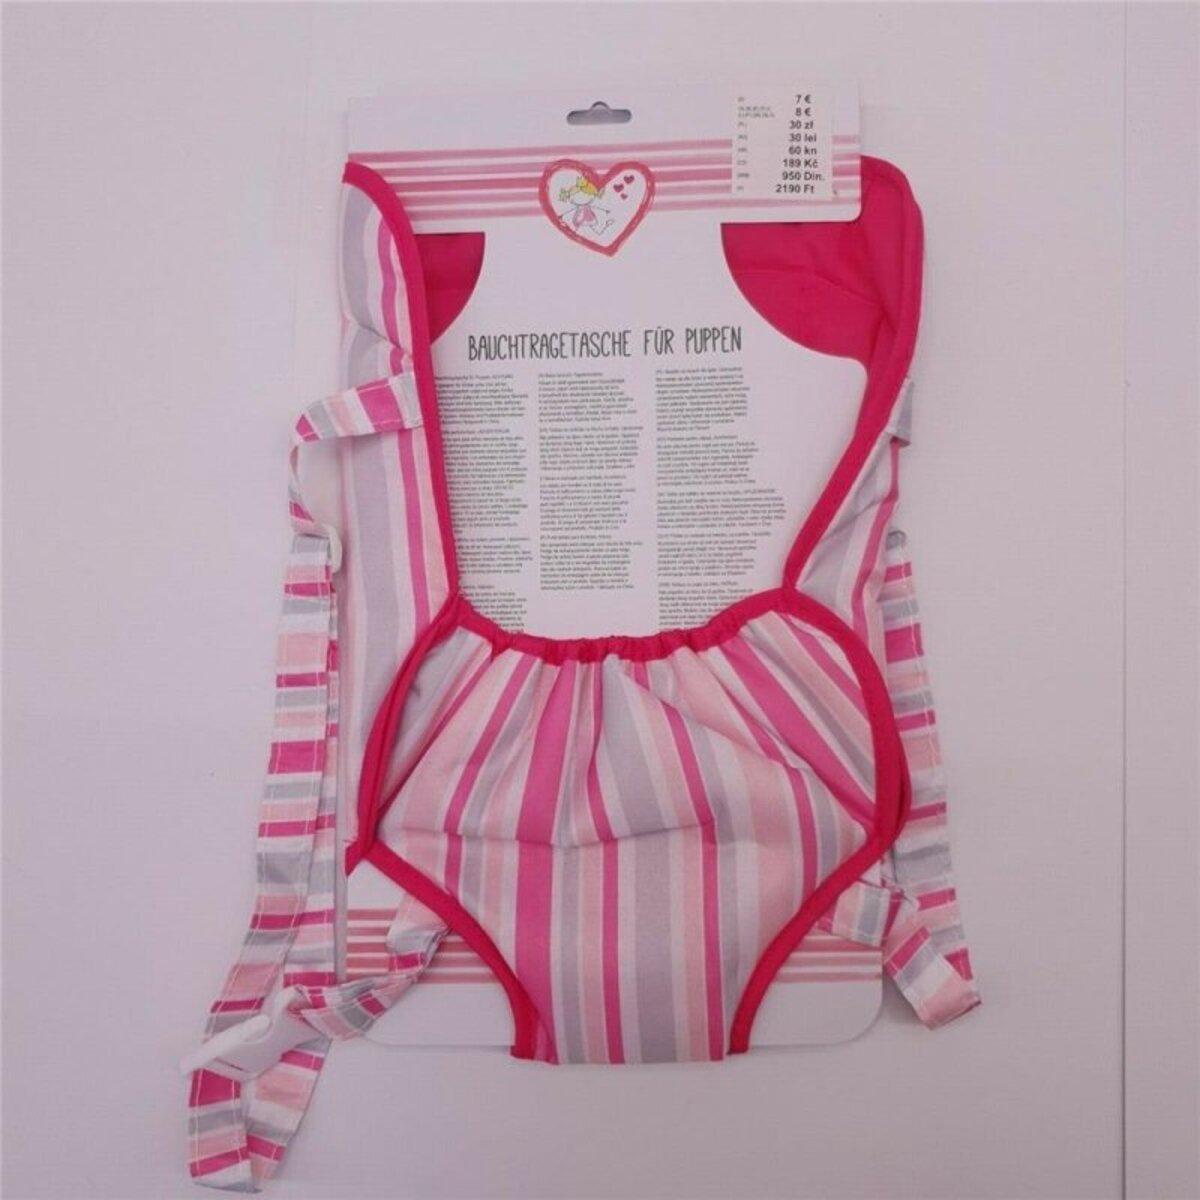 Bild 1 von Bauchtragetasche für Baby-Puppen, rosa, mit verstellbarem Gurt, Polyester